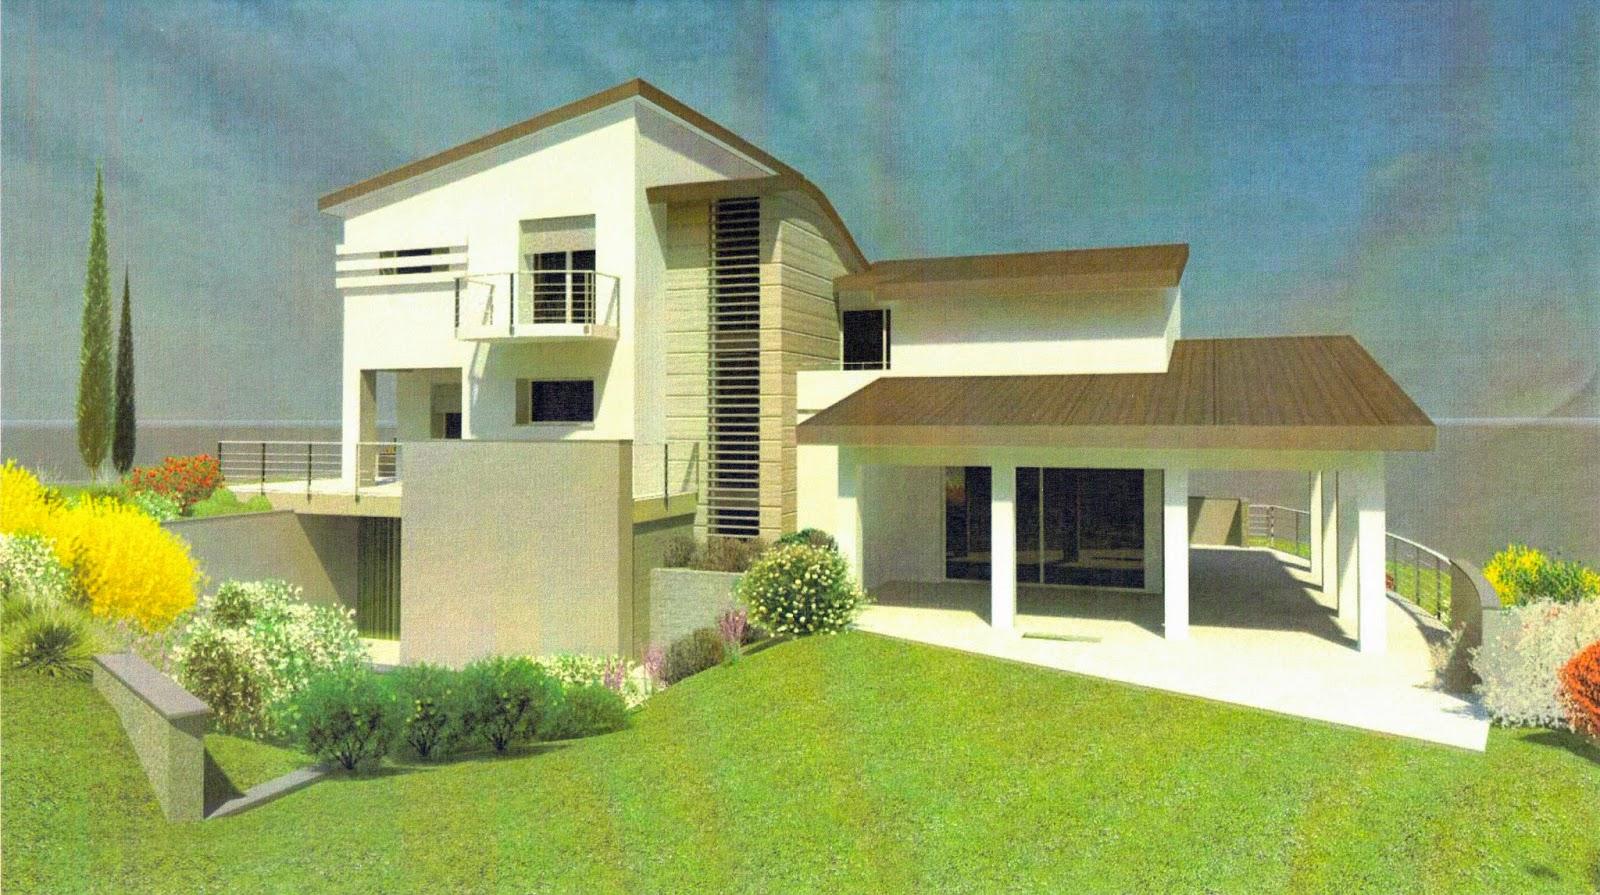 Casa delle ginestre prove di rendering per i colori esterni for Stili di case esterni